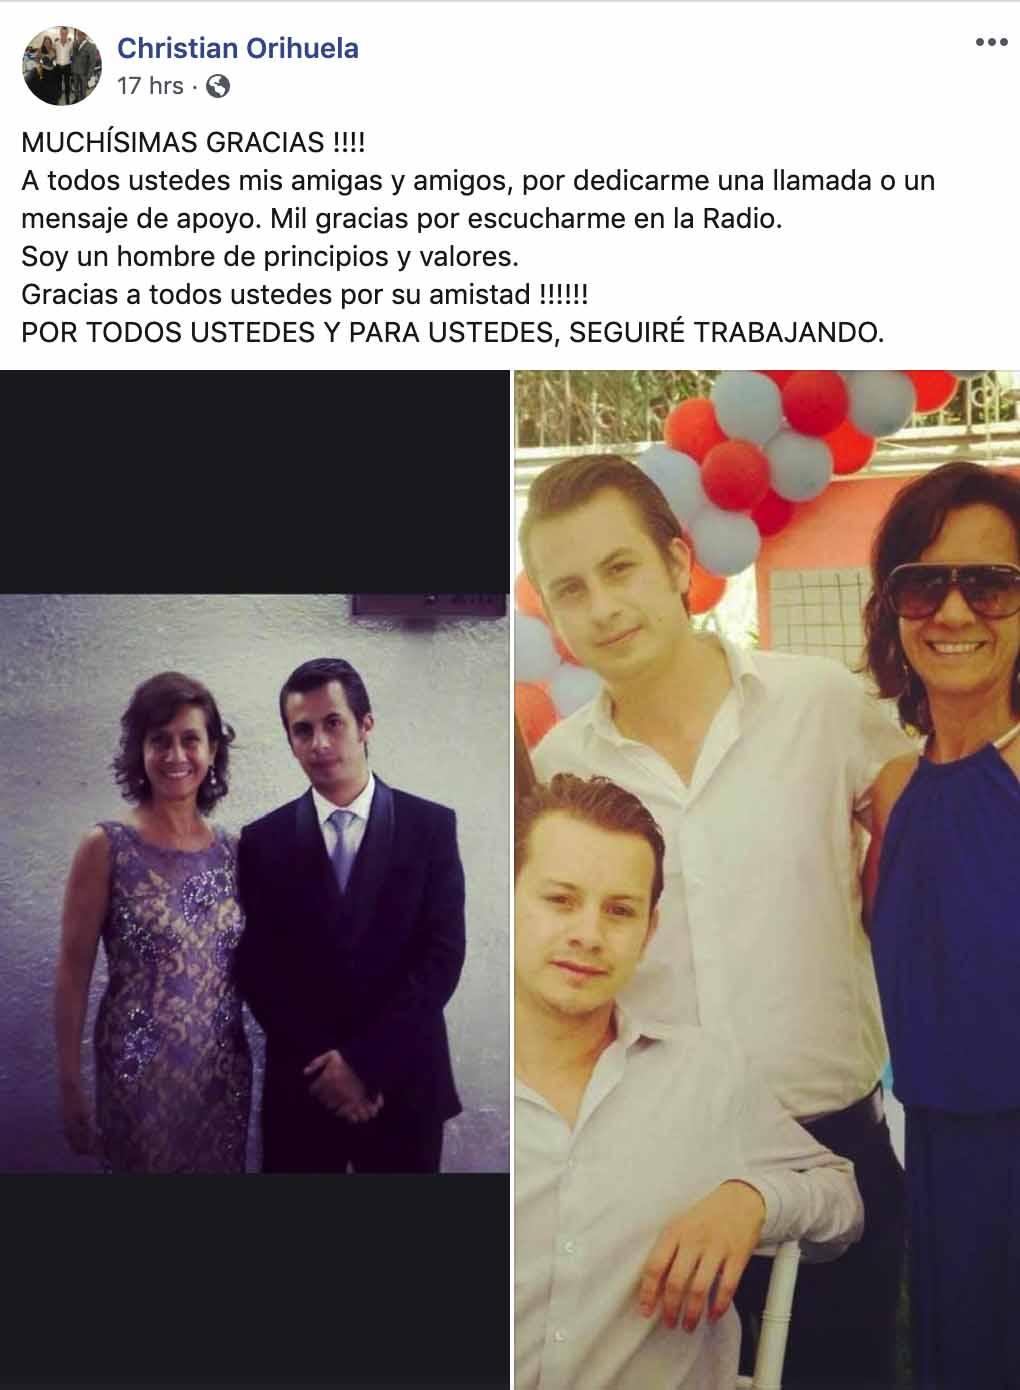 La respuesta de los seguidores de Christian Orihuela fue tal que publicó otra foto con su hermano fallecido pero ahora con su mamá.